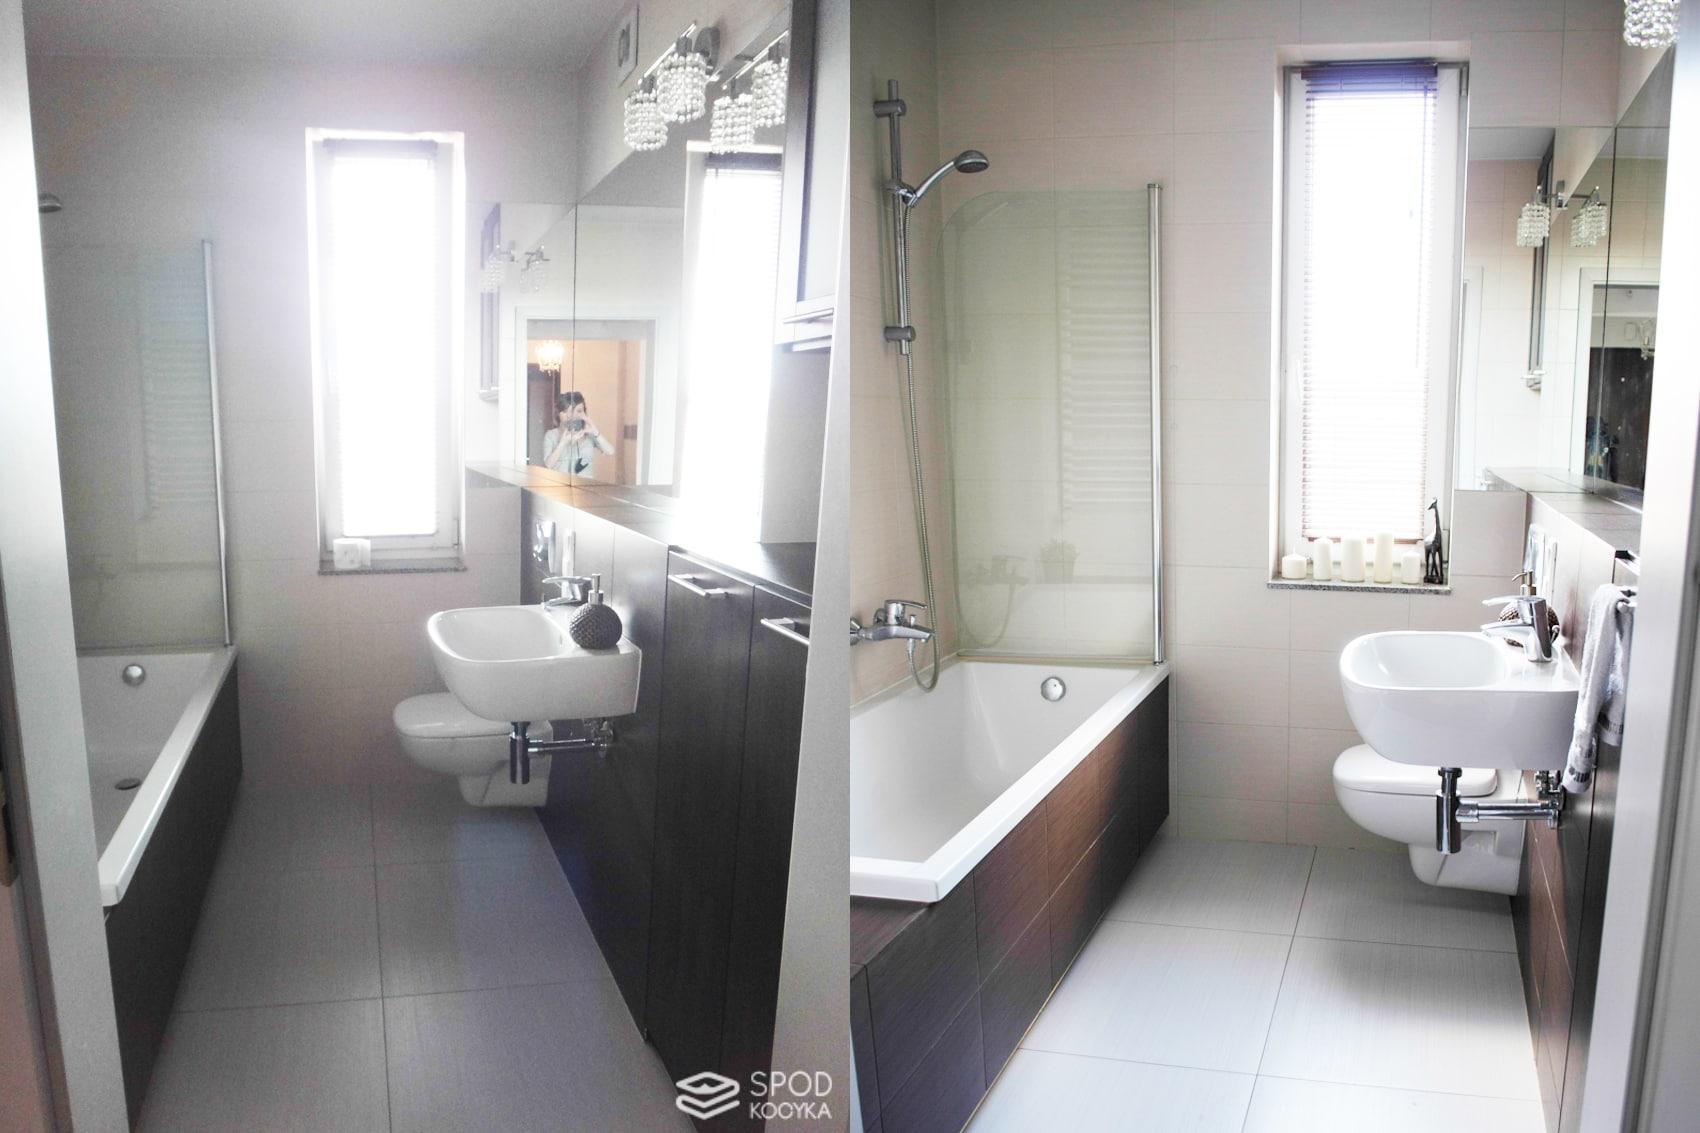 metamorfoza łazienki homestaging łazienki przed i po na sprzedaż wynajem